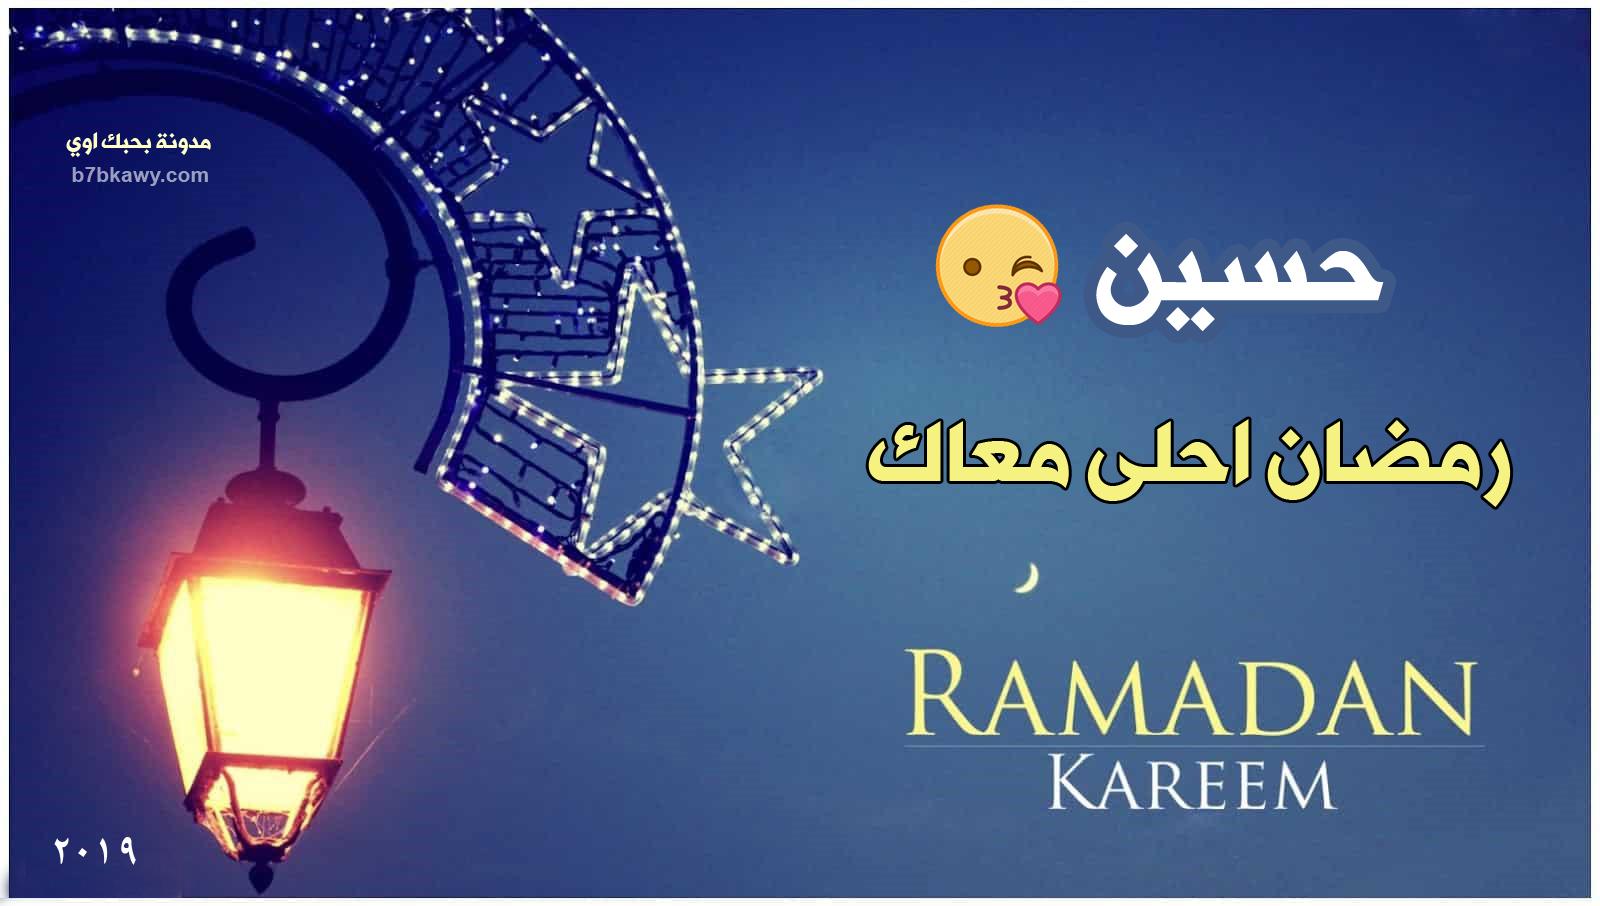 صور رمضان احلى مع اسمك